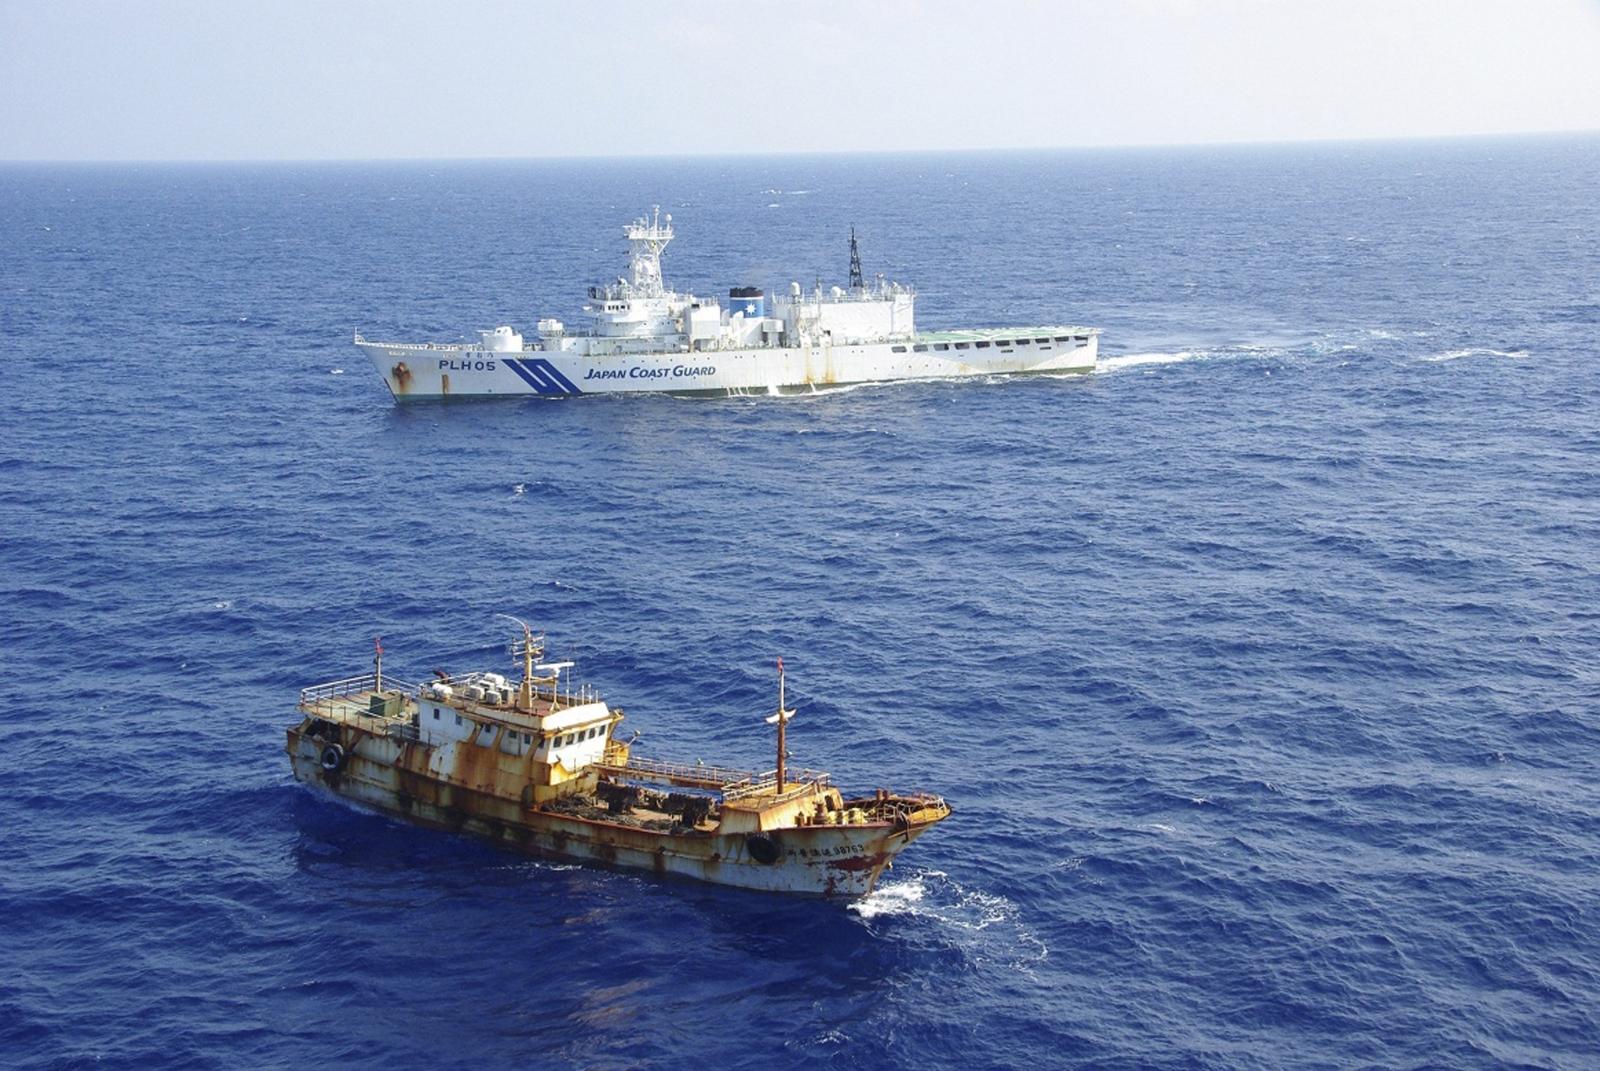 East China Sea dispute